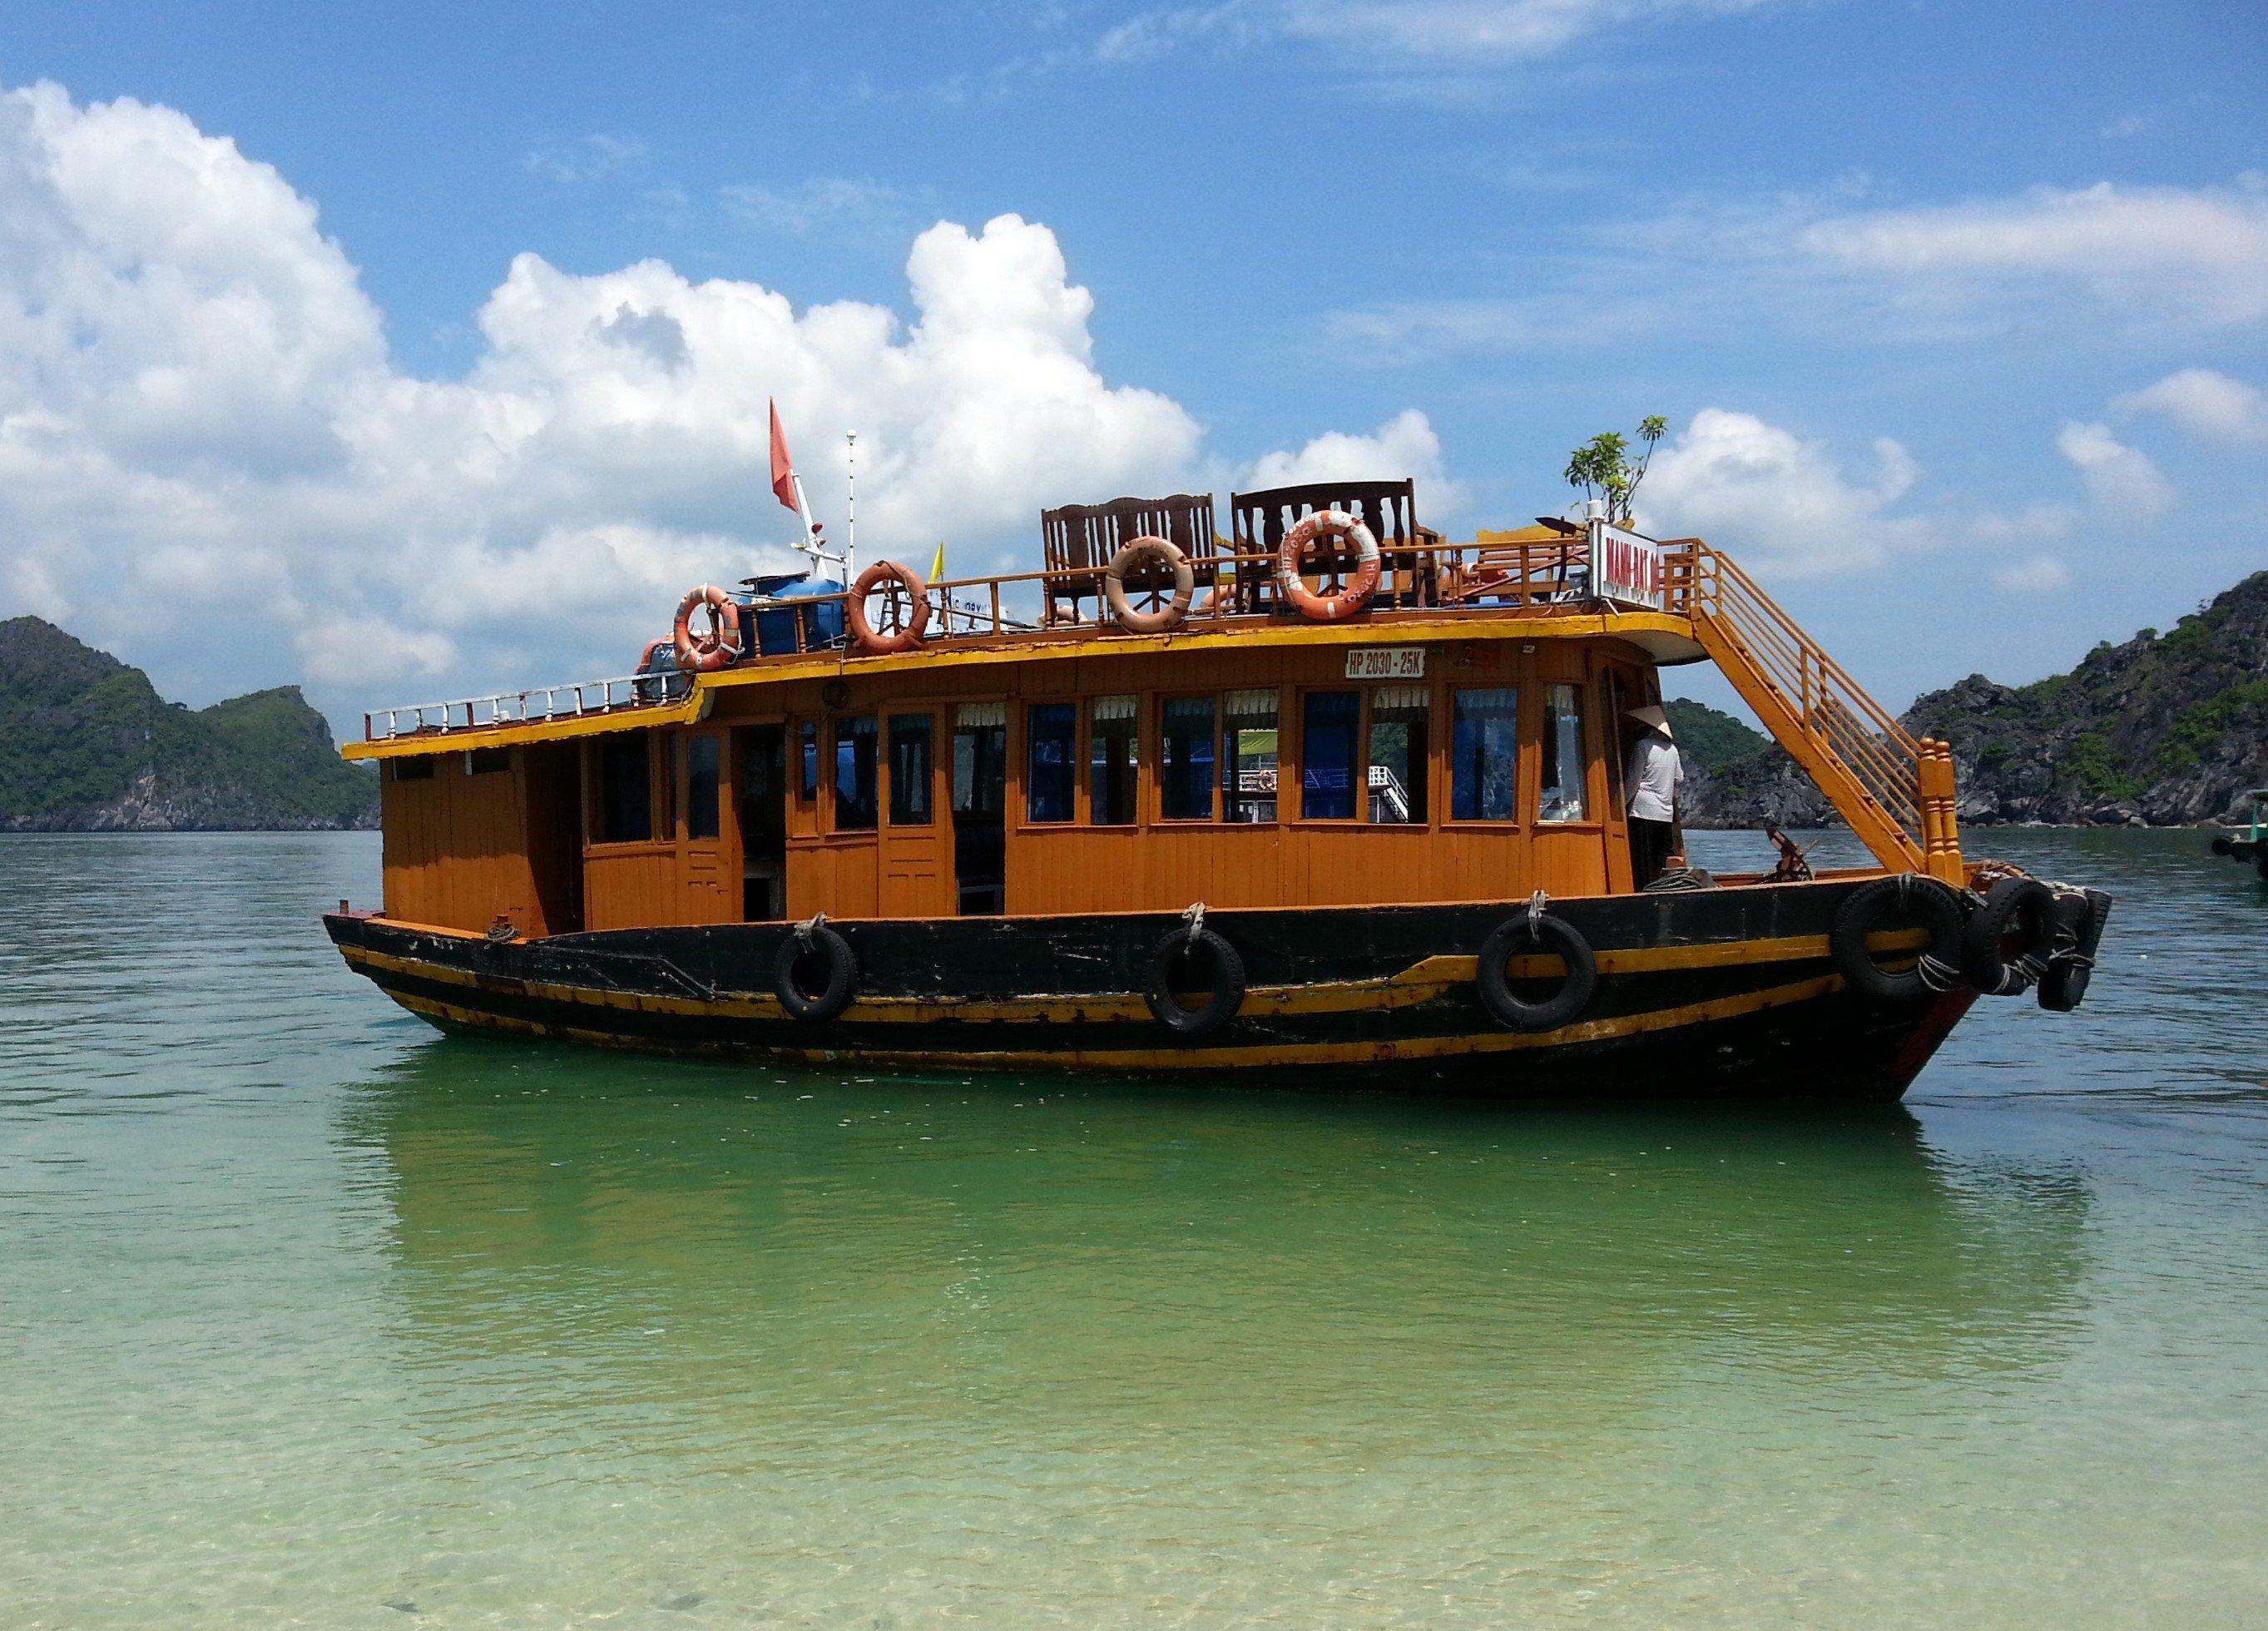 Our tour boat around Lan Ha Bay